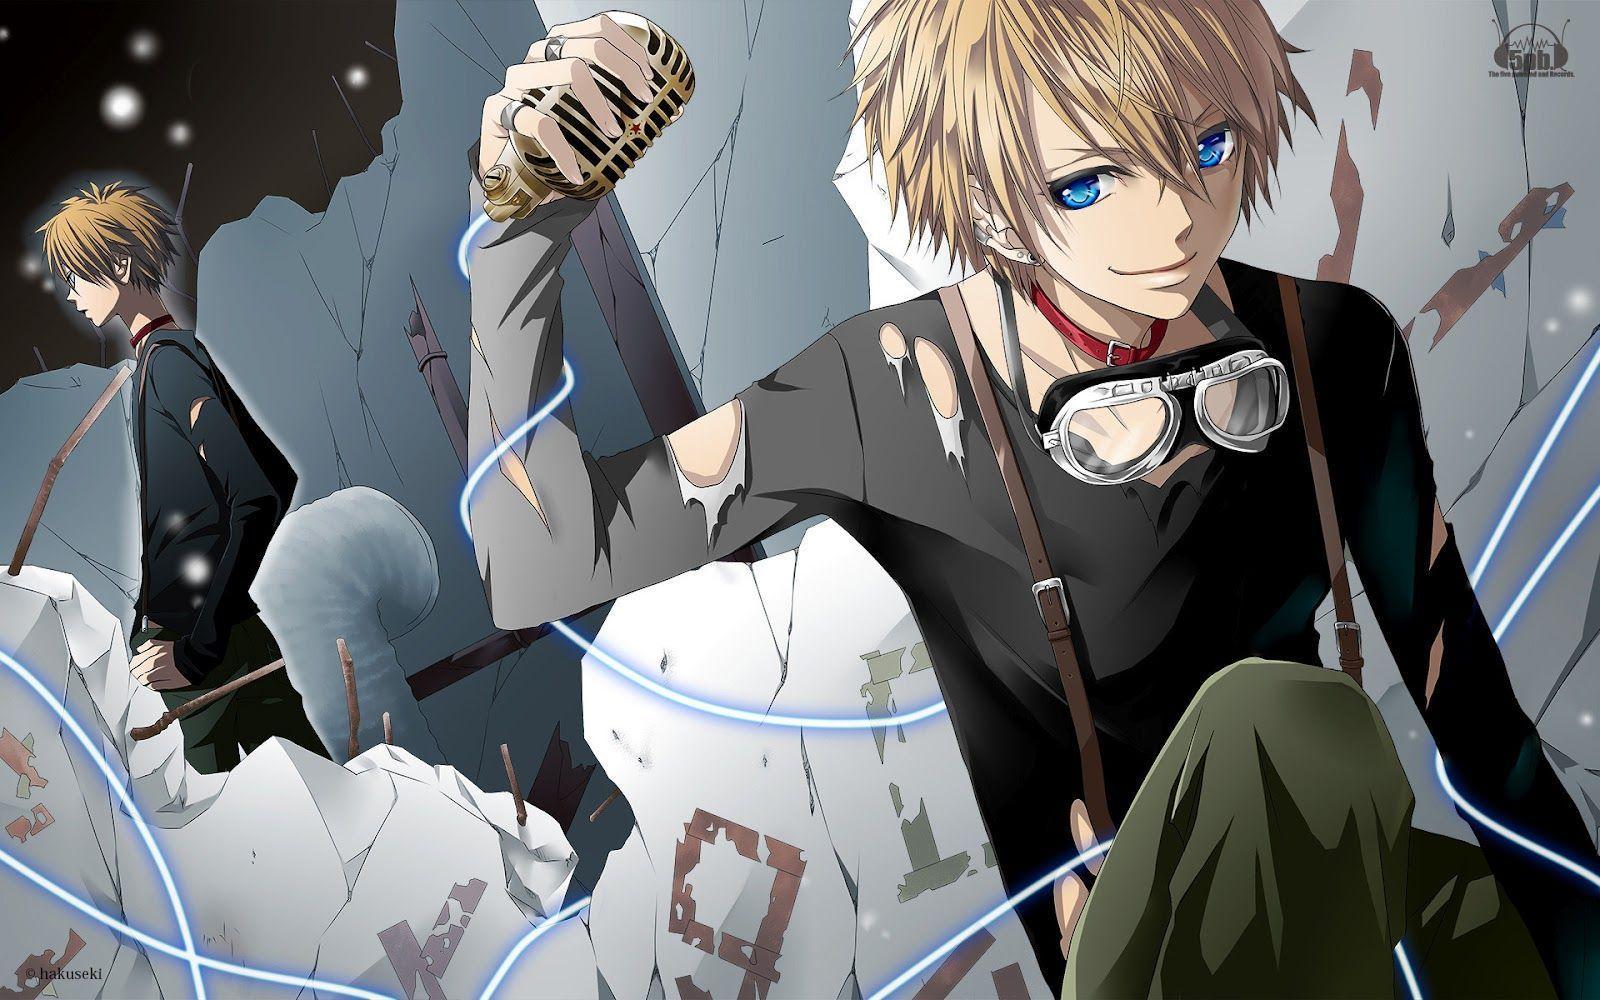 1600x1000 Loại hình nền: Hình nền Anime Boy.  Anime, Anime hình nền Android, Sách vẽ anime